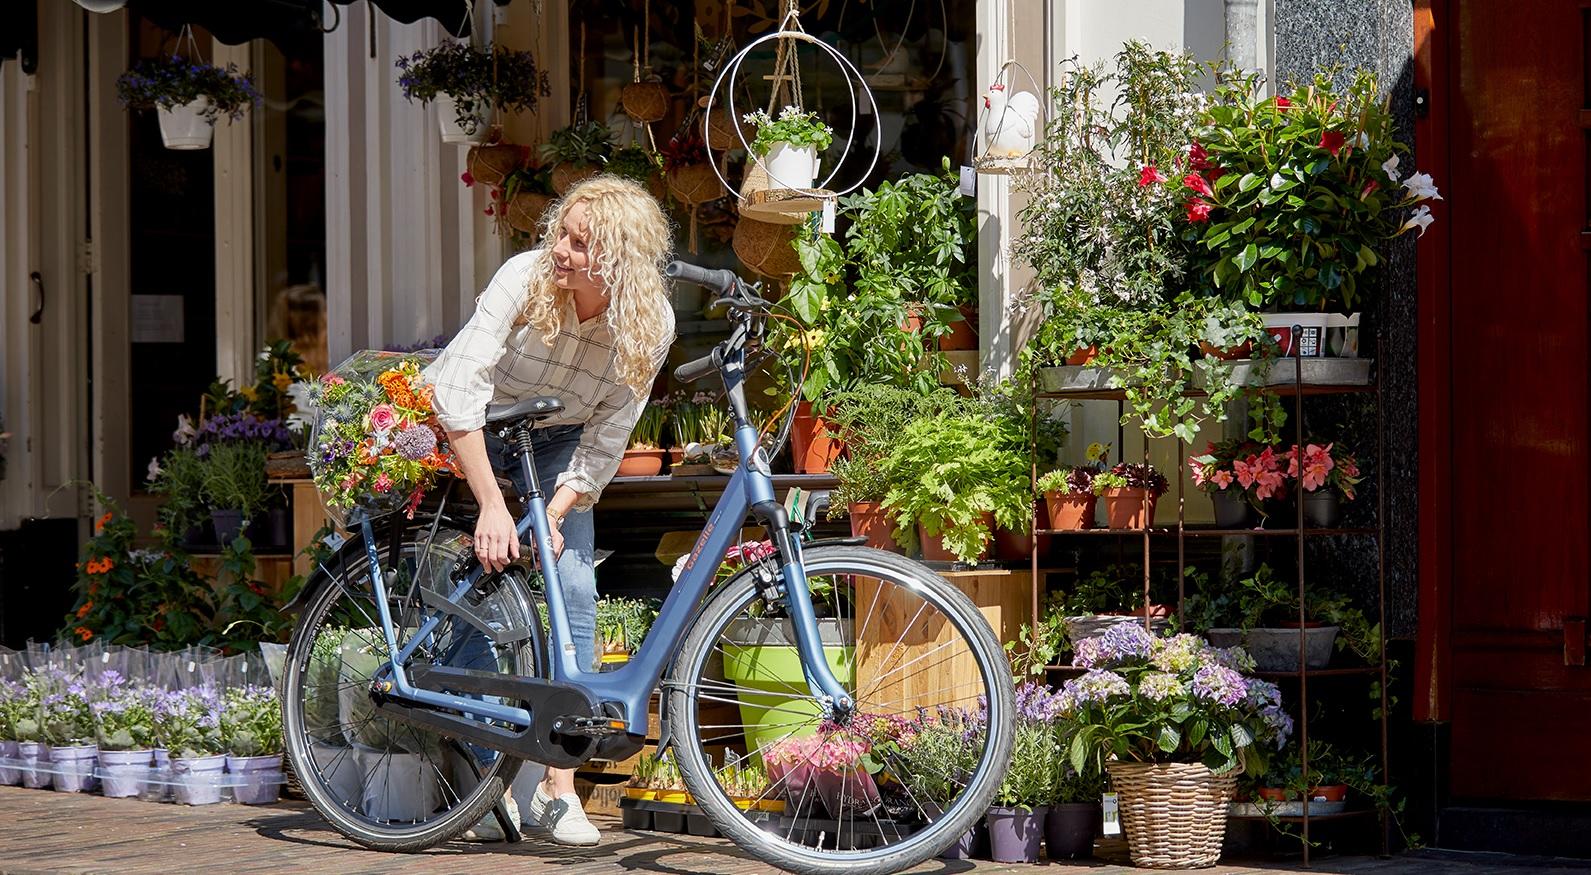 Hoe ver kunt u fietsen met een elektrische fiets?